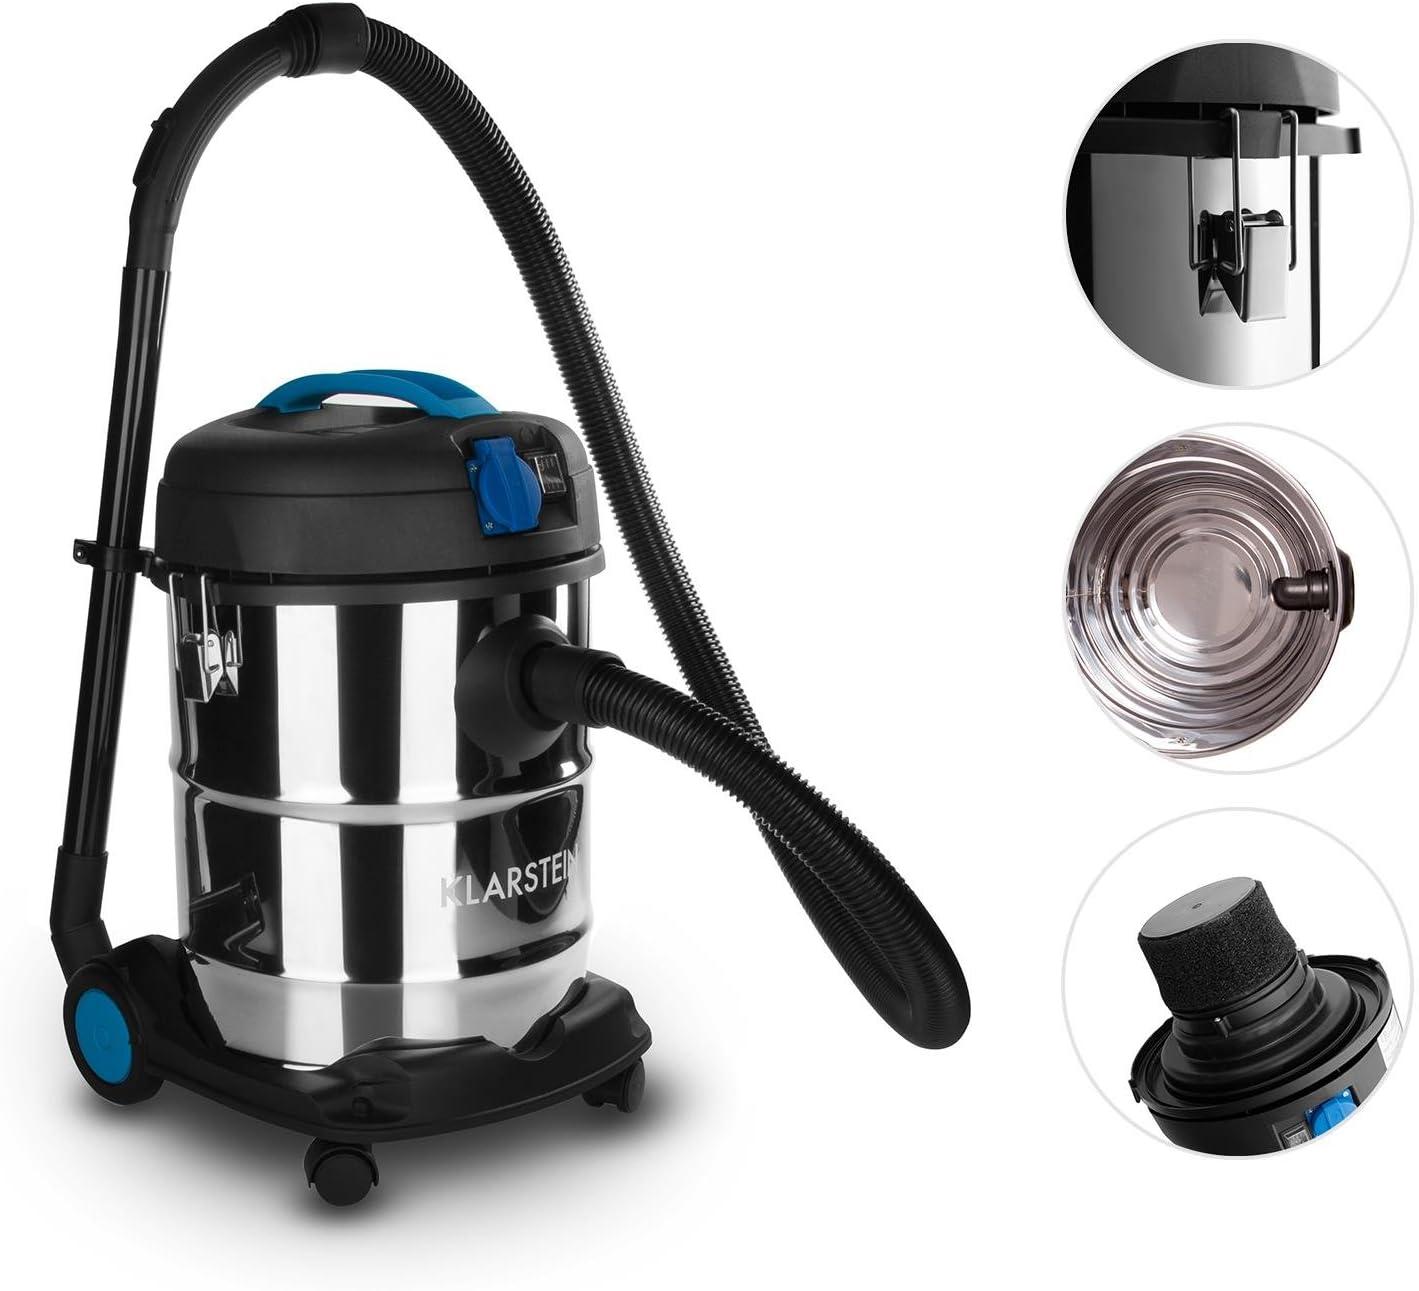 Klarstein Reinraum Prima aspiradora Industrial (25 l, 1200 W, aspiración en seco y húmedo, función de soplado, Toma de Corriente integrada): Amazon.es: Hogar